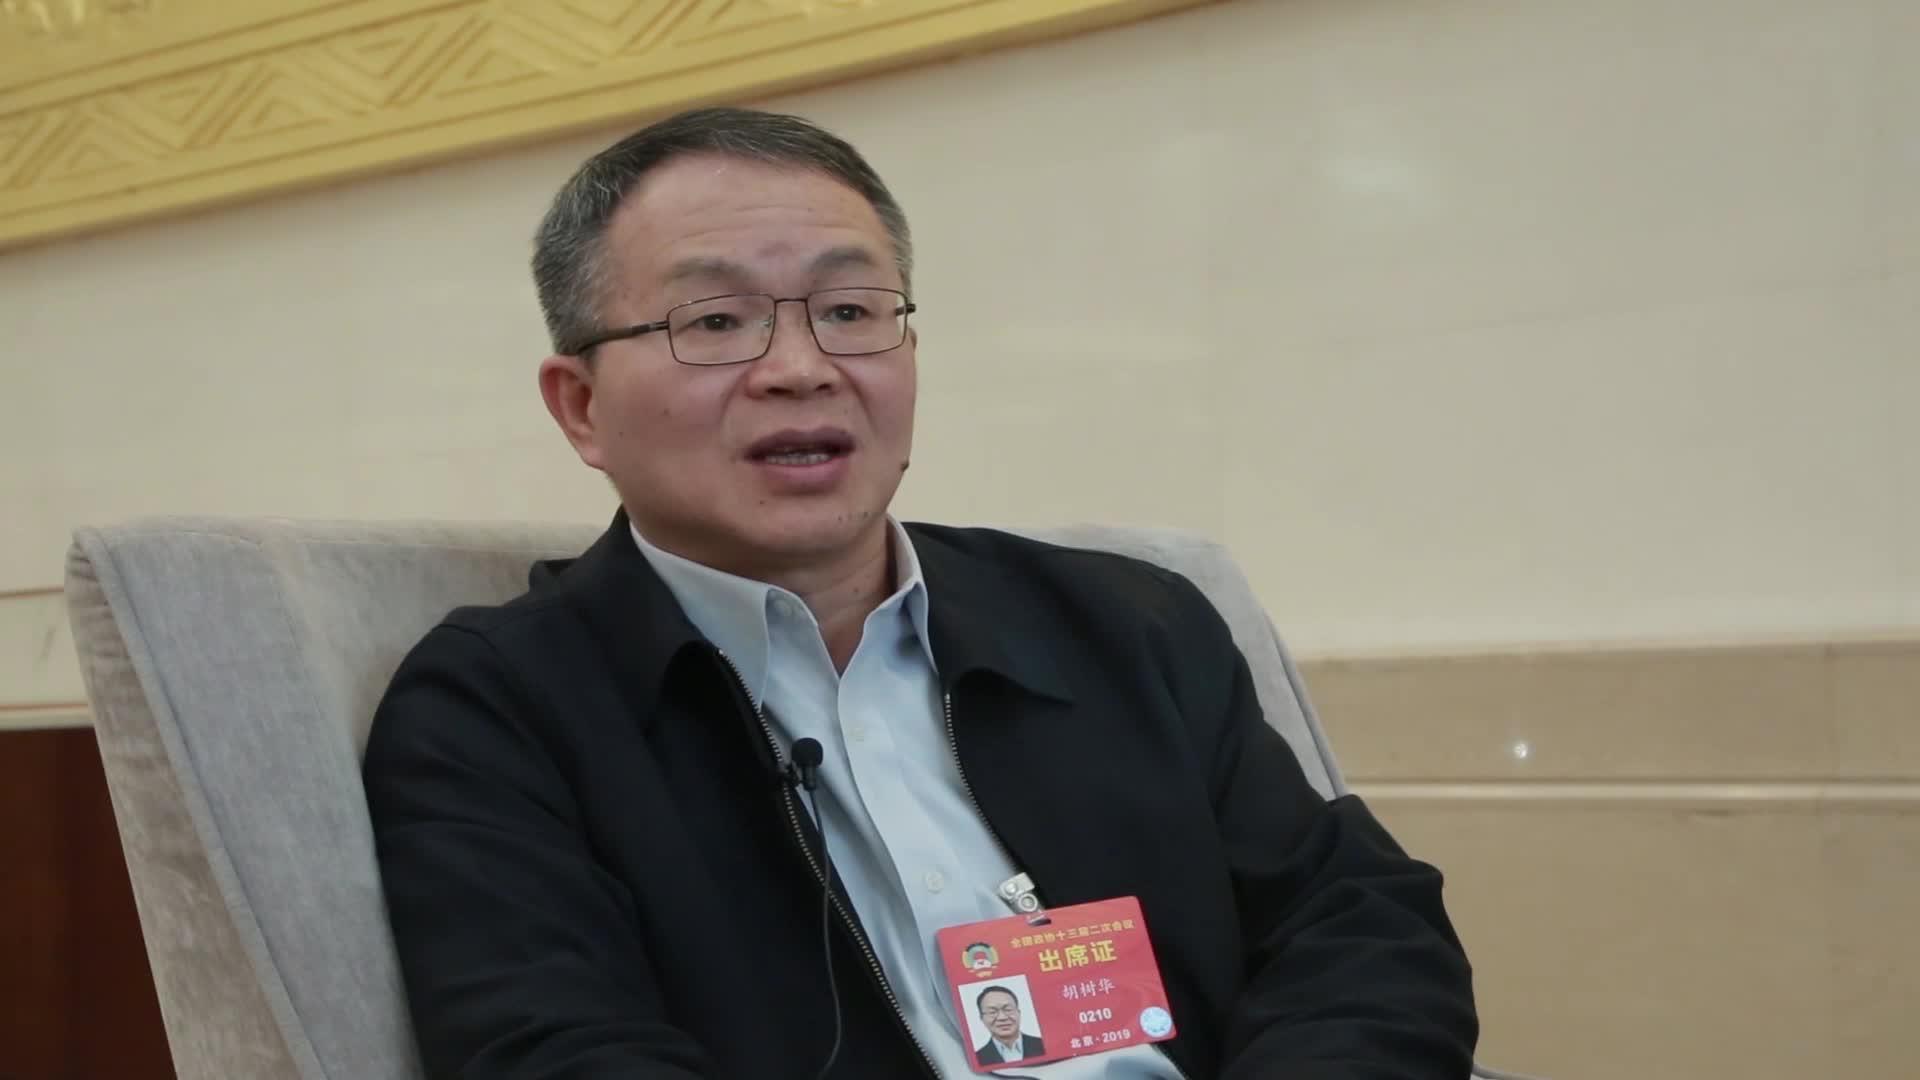 胡树华:在房地产等冲击下 制造业受影响 出现主业虚化